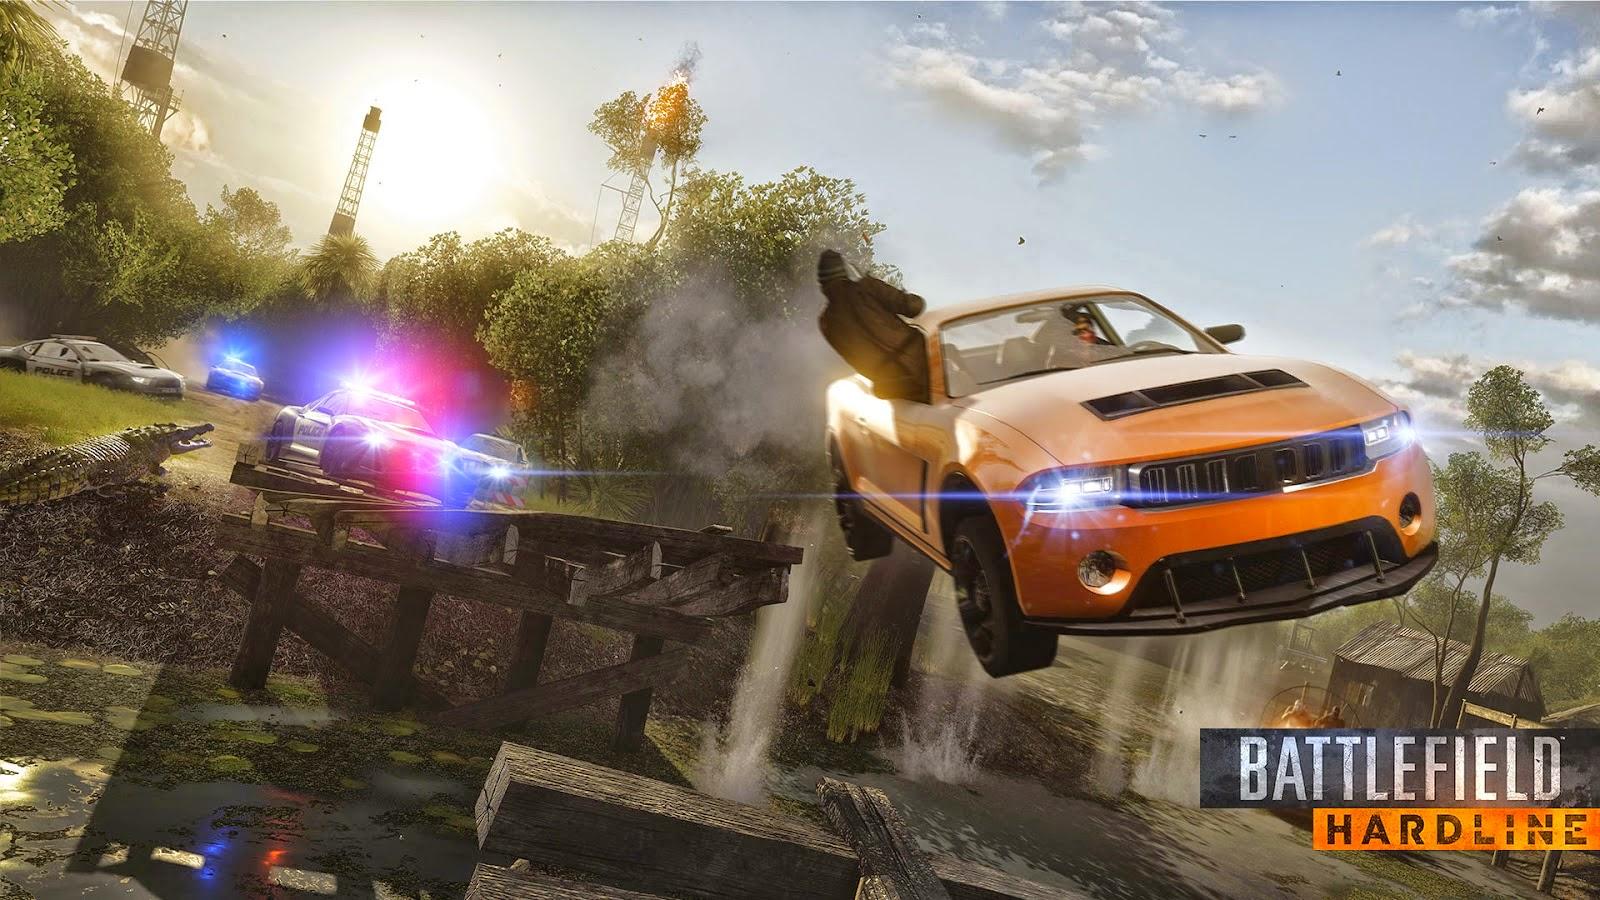 تحميل لعبة باتلفيد هارد لاين للكمبيوتر مجانا Battlefield Hardline 2015 pc